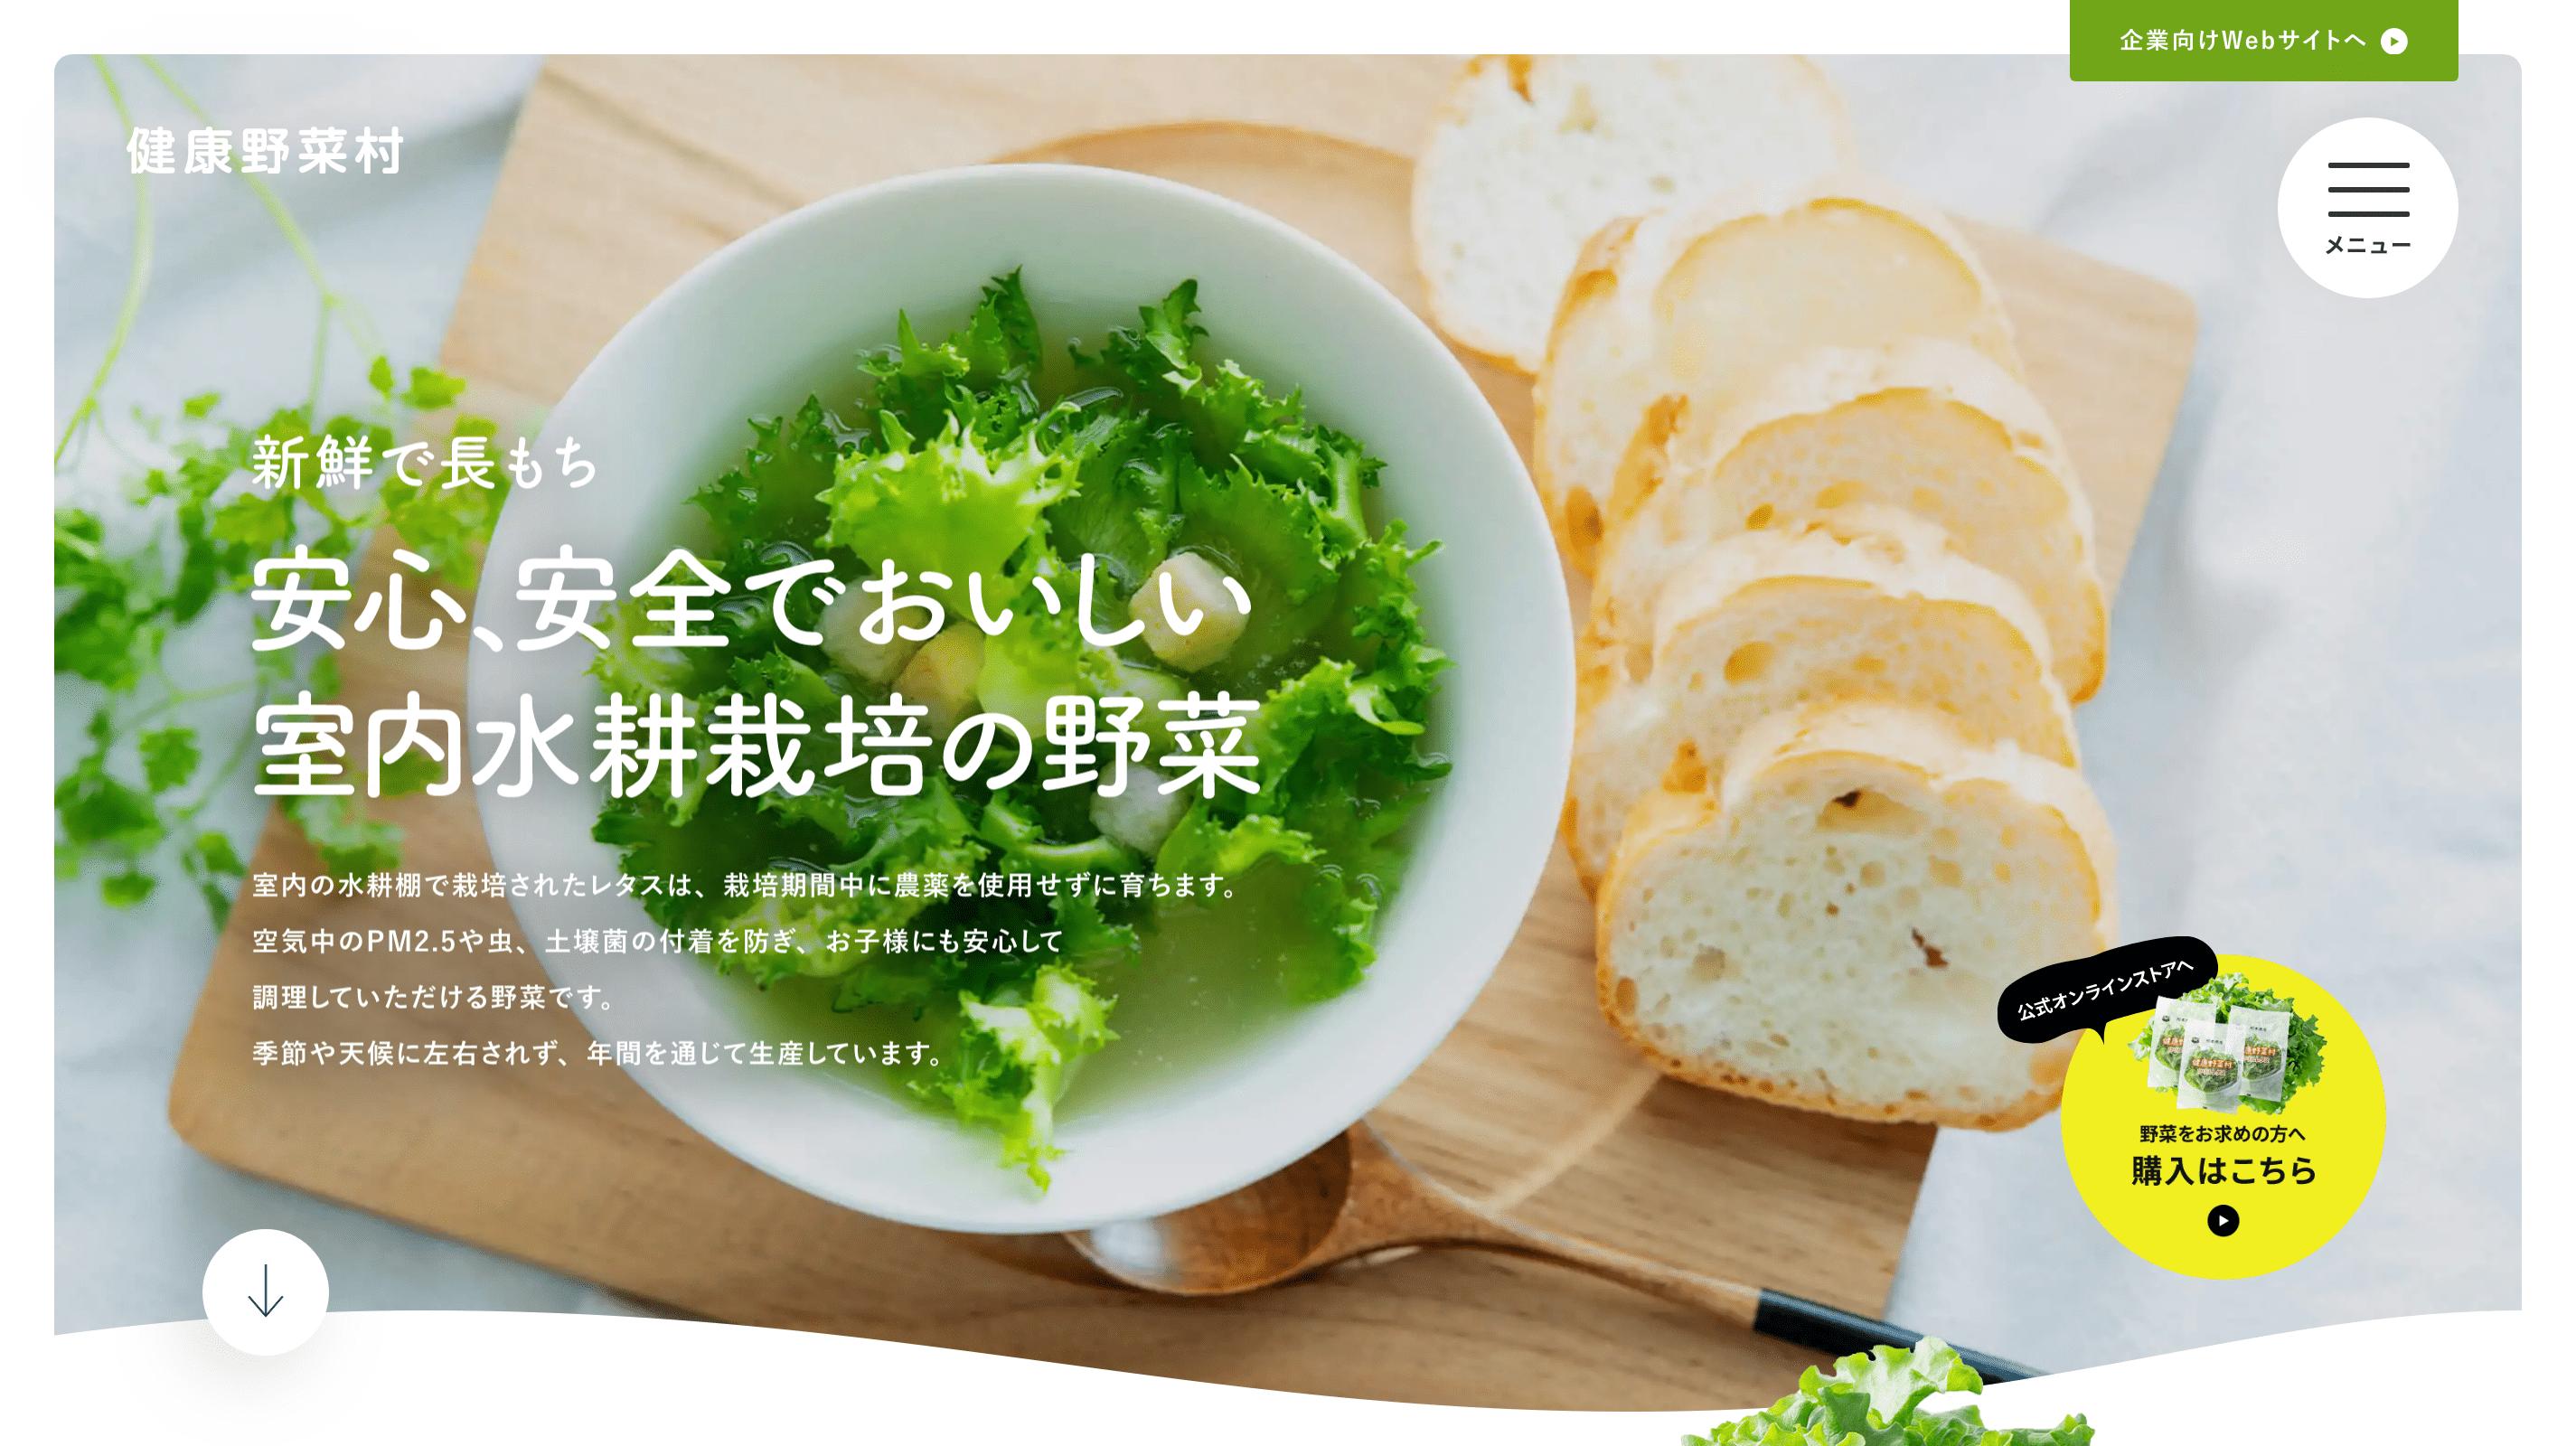 健康野菜村サイトのパソコン表示